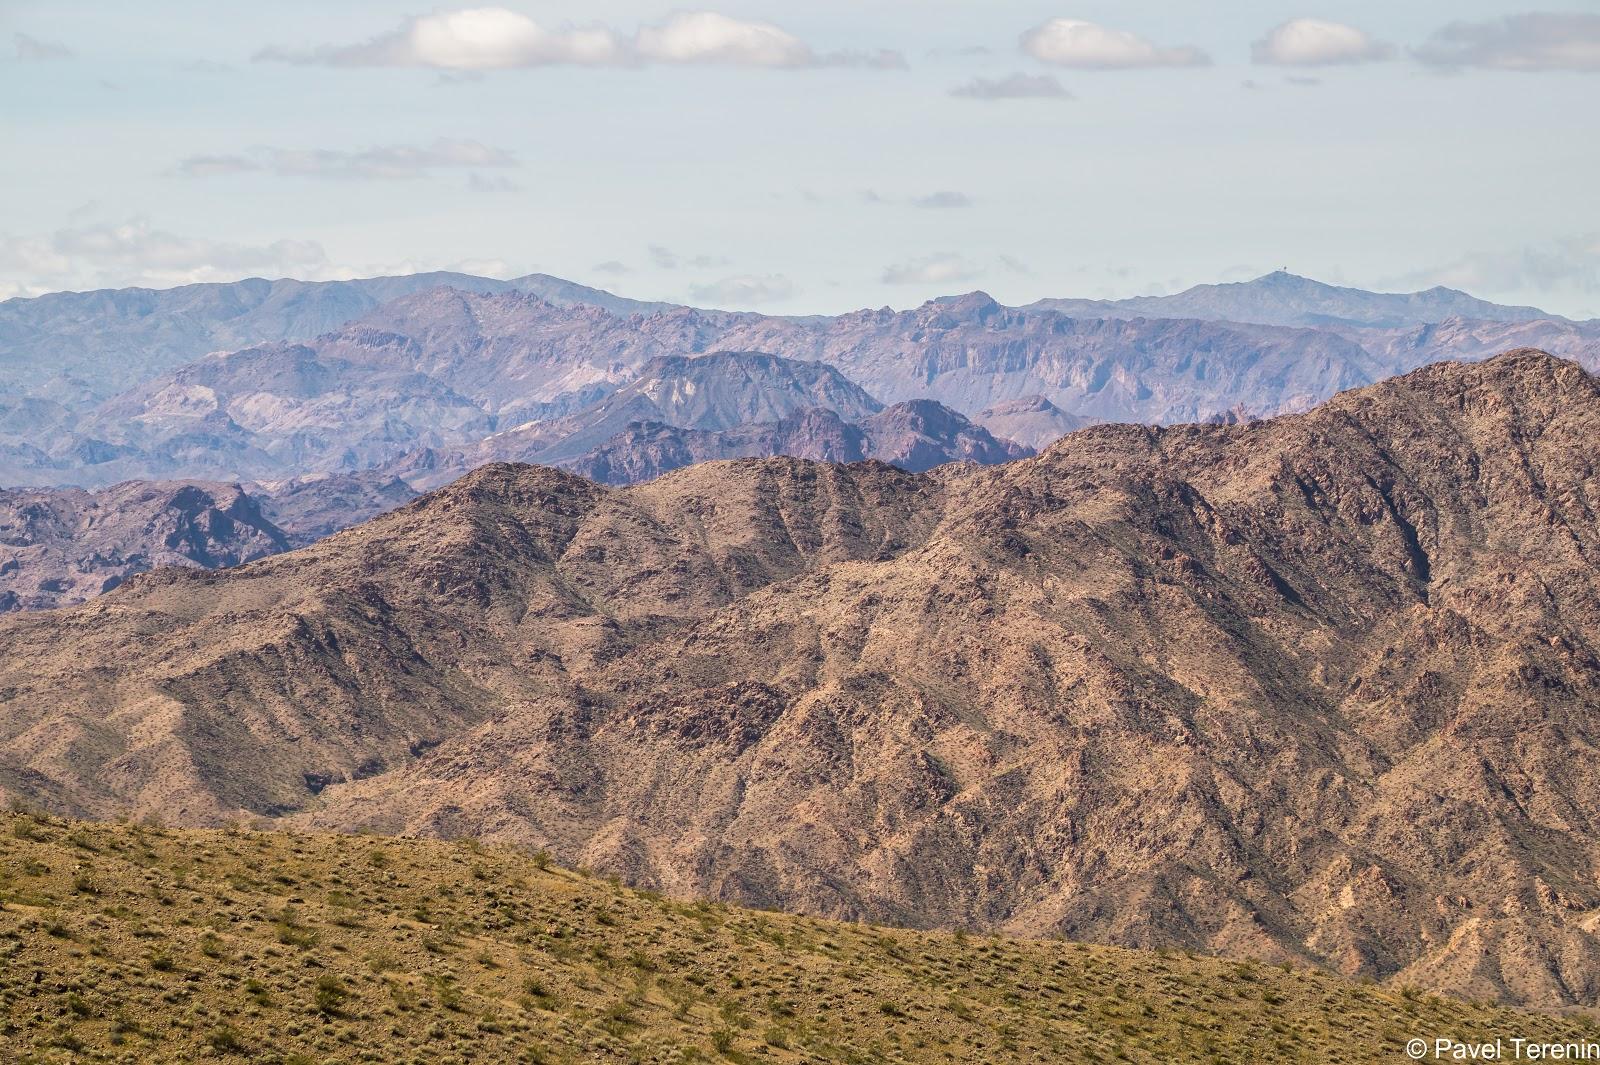 Безжизненная пустыня без каких-либо намёков на зелень